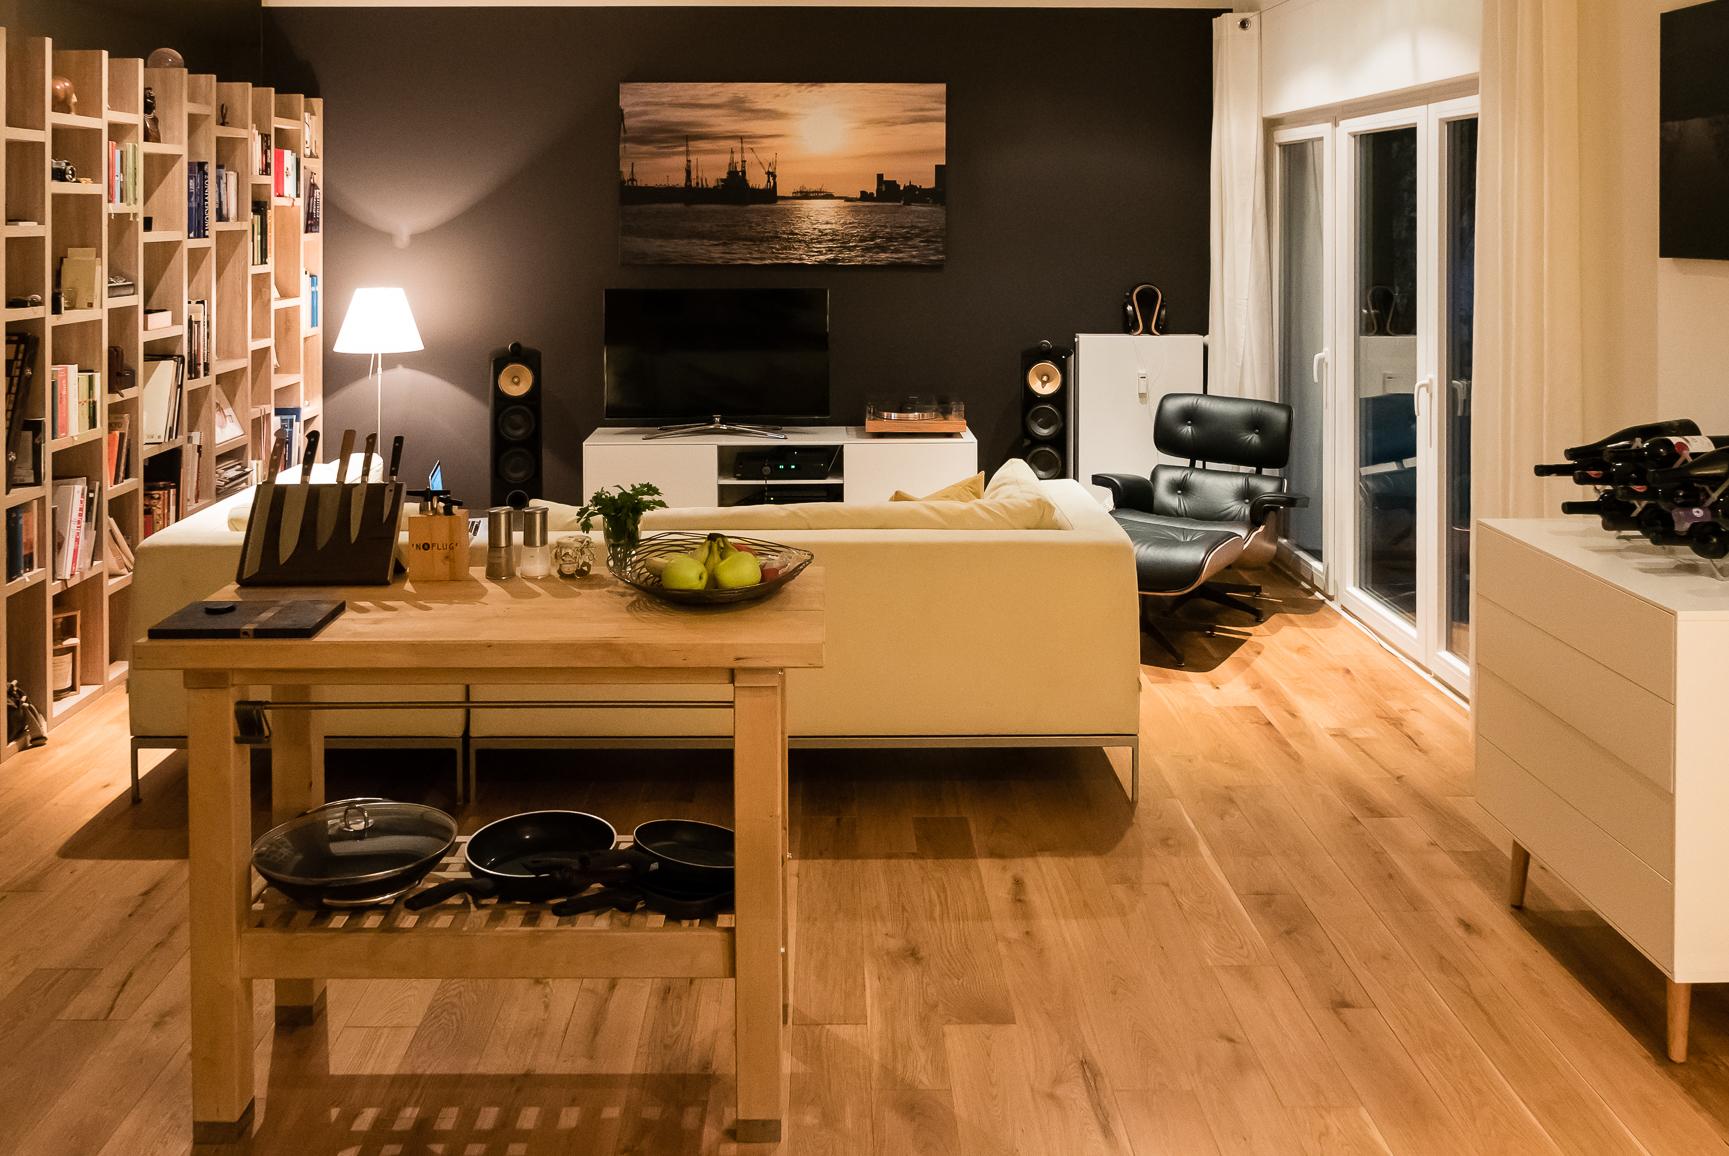 Überblick Wohnzimmer, von Küche gesehen  küche ...